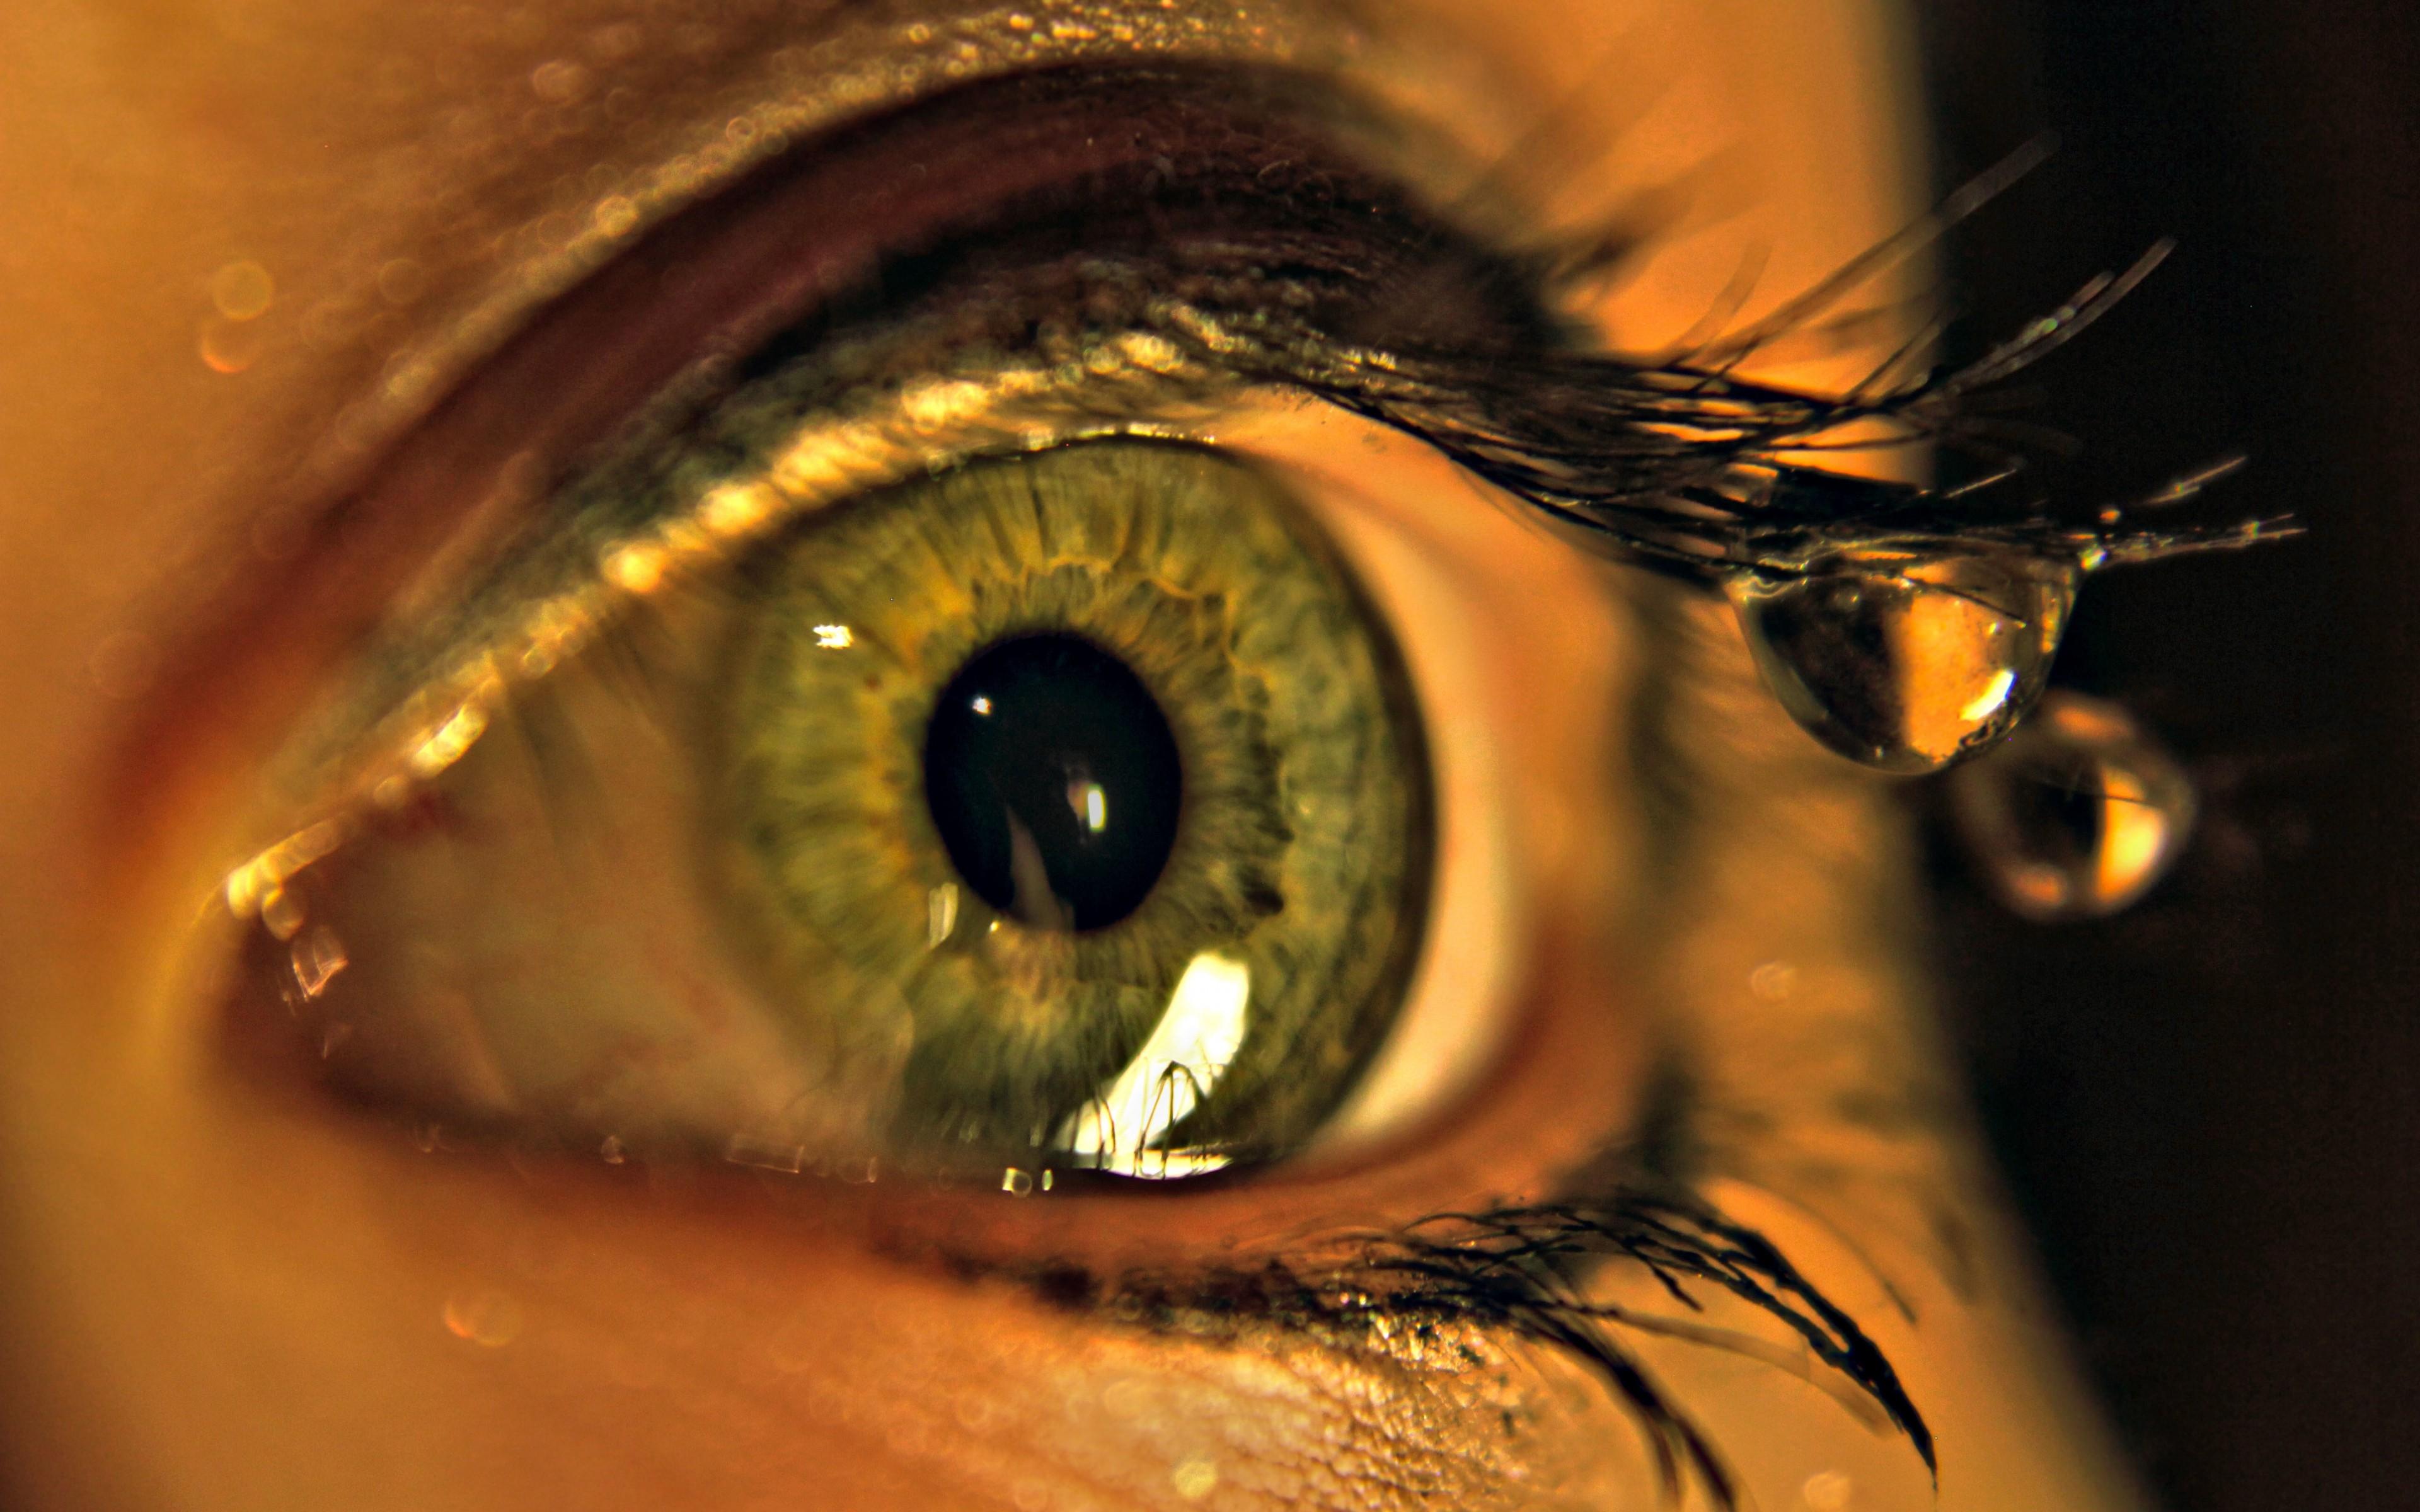 глаз картинки на экран телефона даже ритм твоего